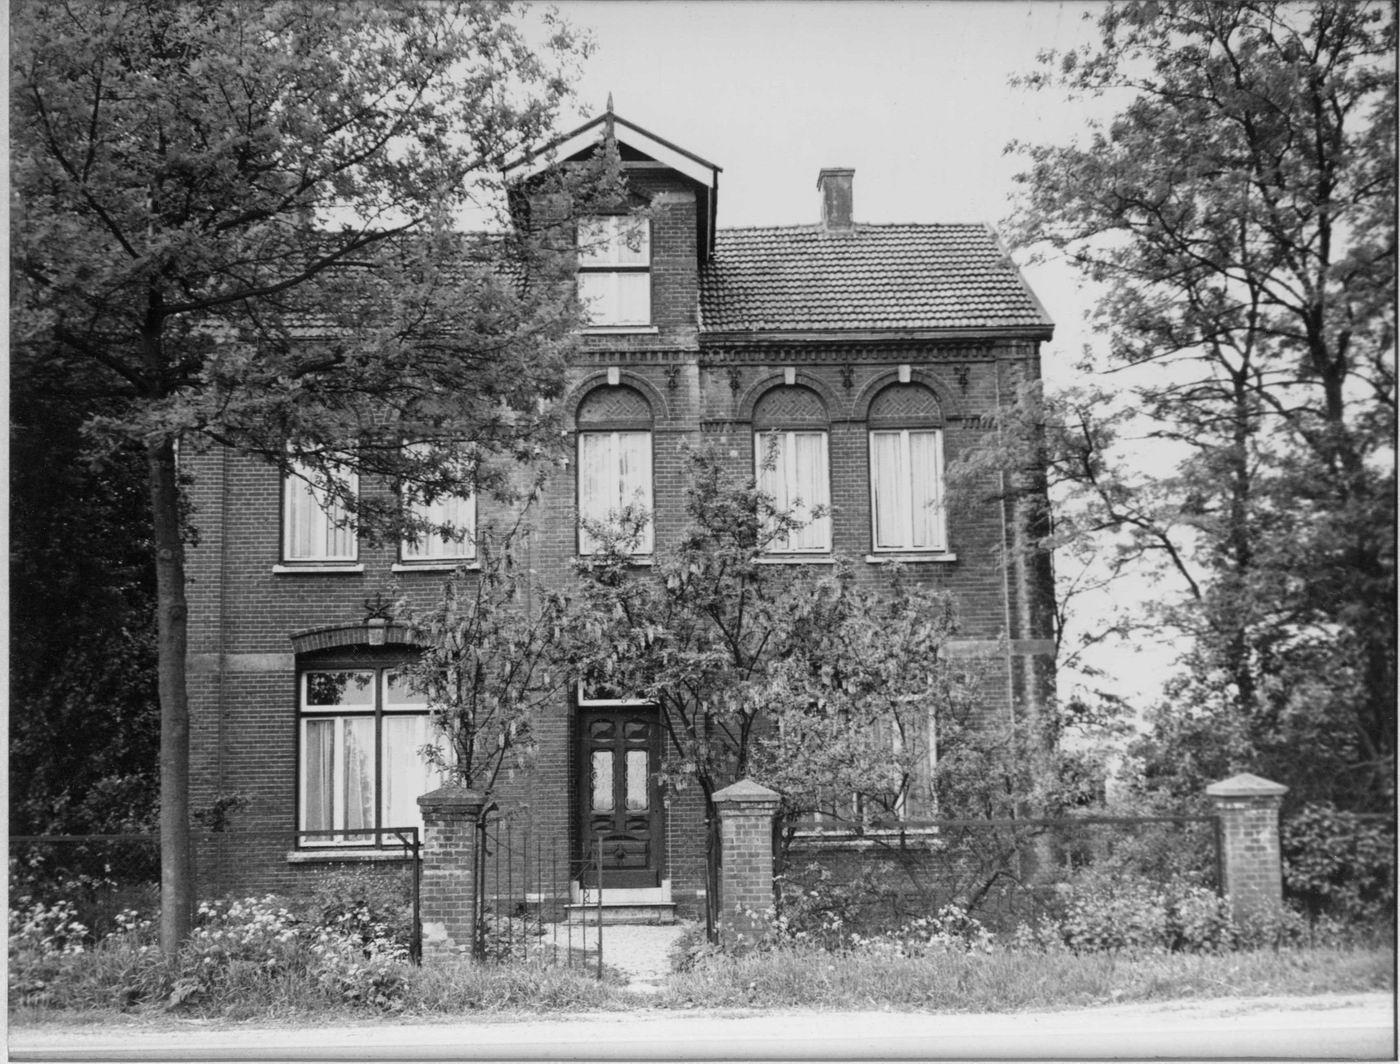 Fotogalerij gennep de mooiste foto 39 s en afbeeldingen van gennep nu en vroeger - Oude huis fotos ...